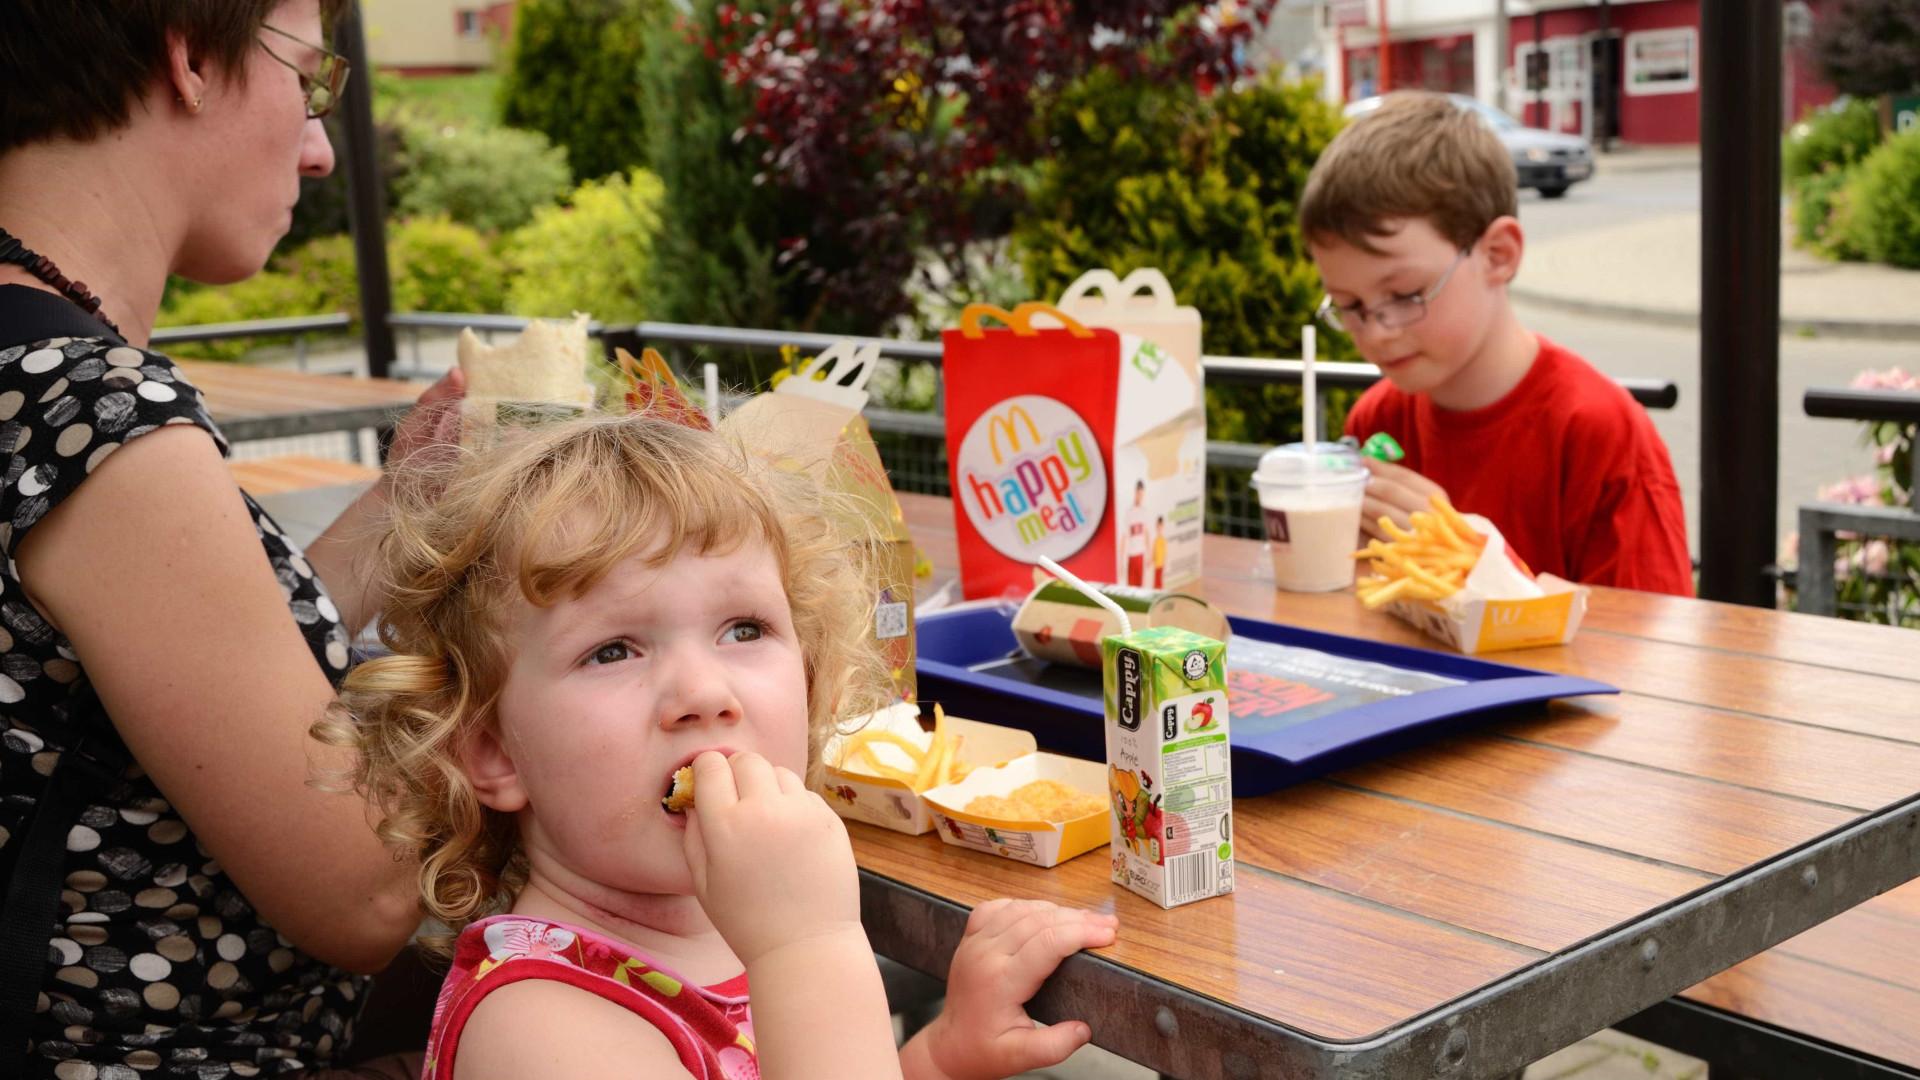 A McDonald's quer tornar o Happy Meal mais saudável